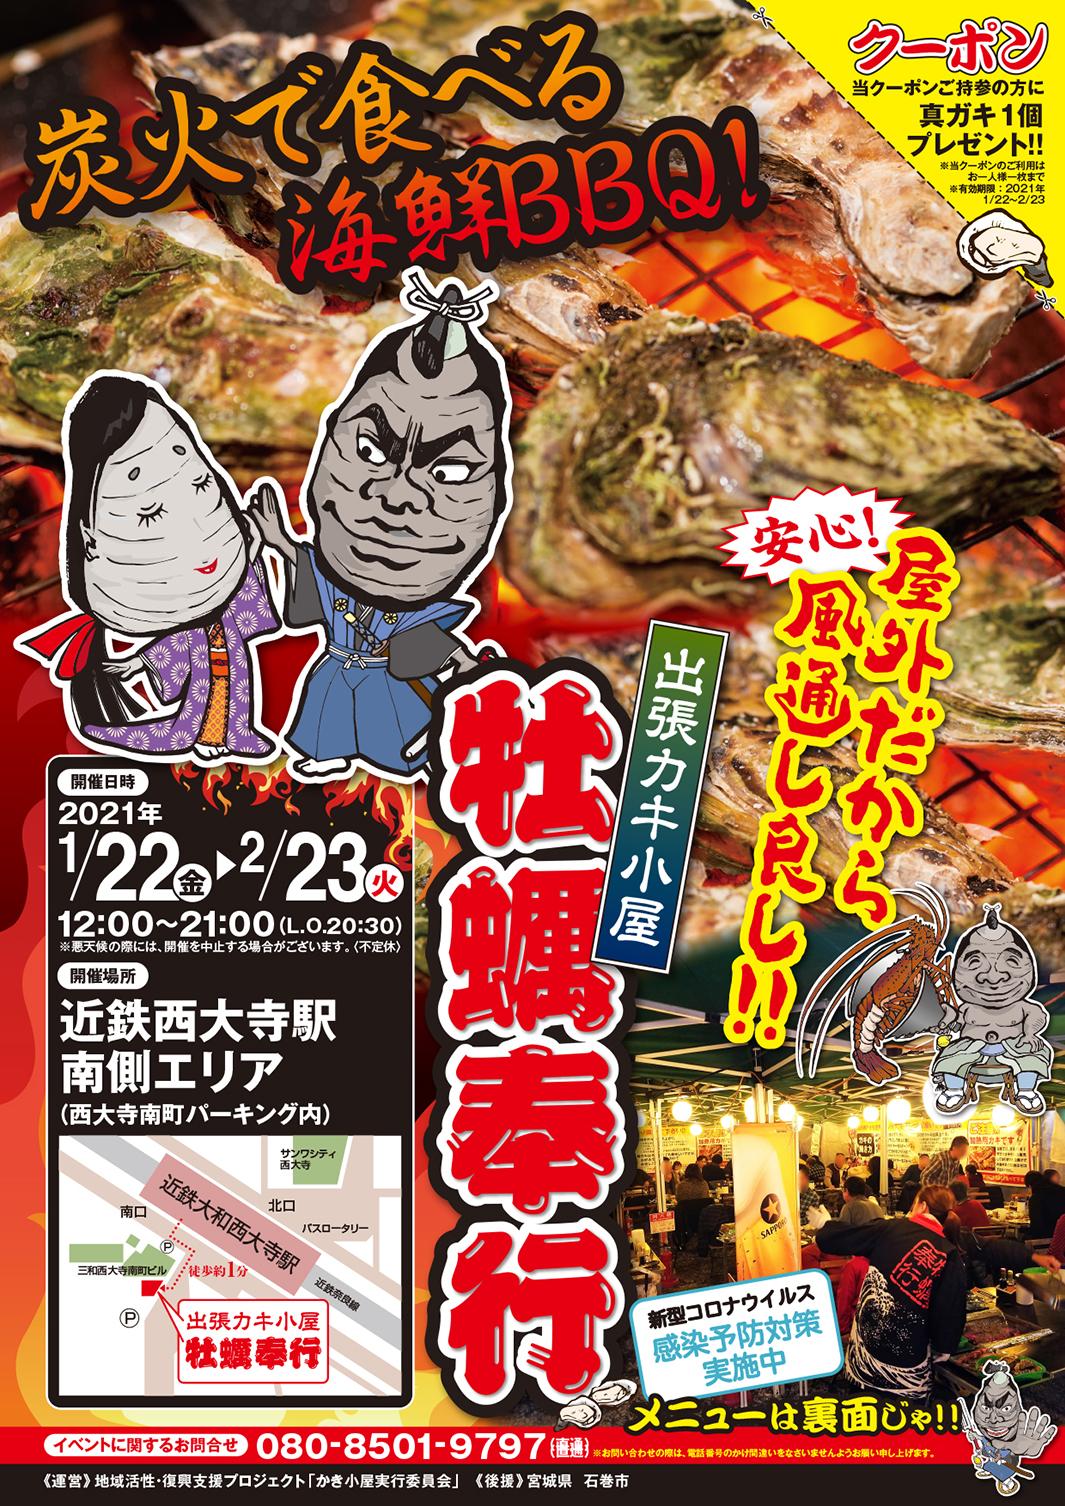 出張カキ小屋「牡蠣奉行」 in 近鉄西大寺駅 南側エリア チラシ表面